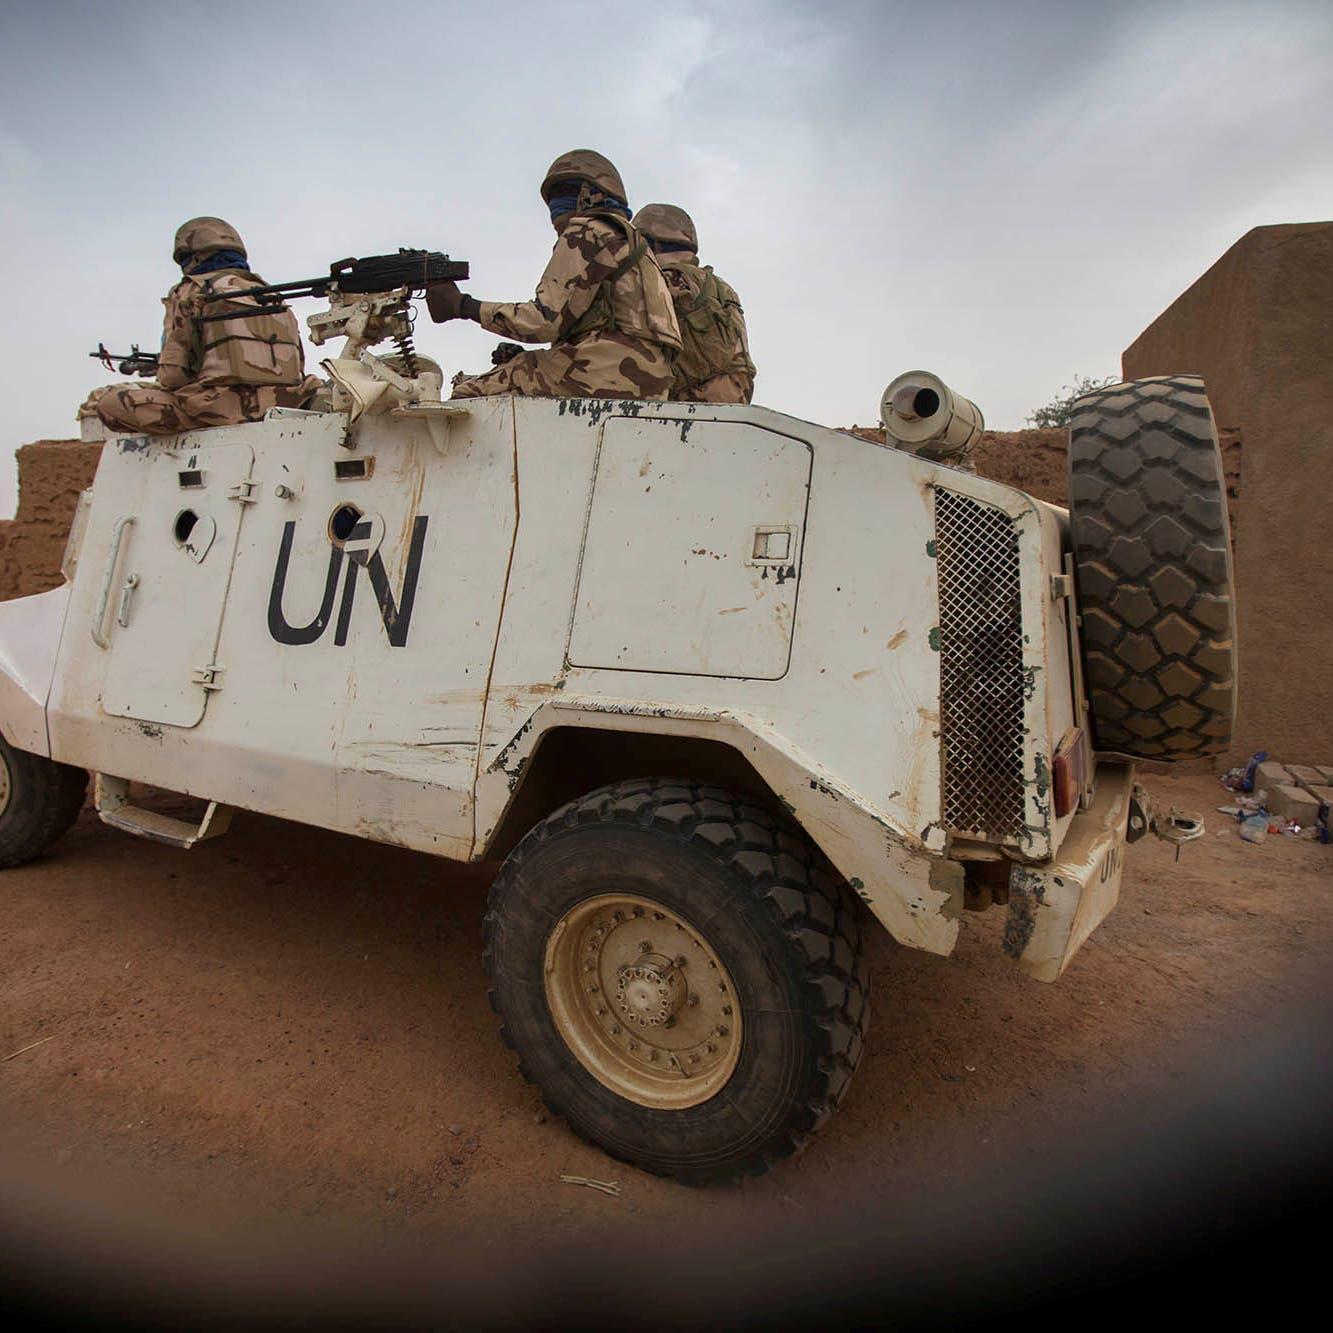 وسط التوتر مع مالي.. فرنسا تسلم قاعدة كيدال للأمم المتحدة